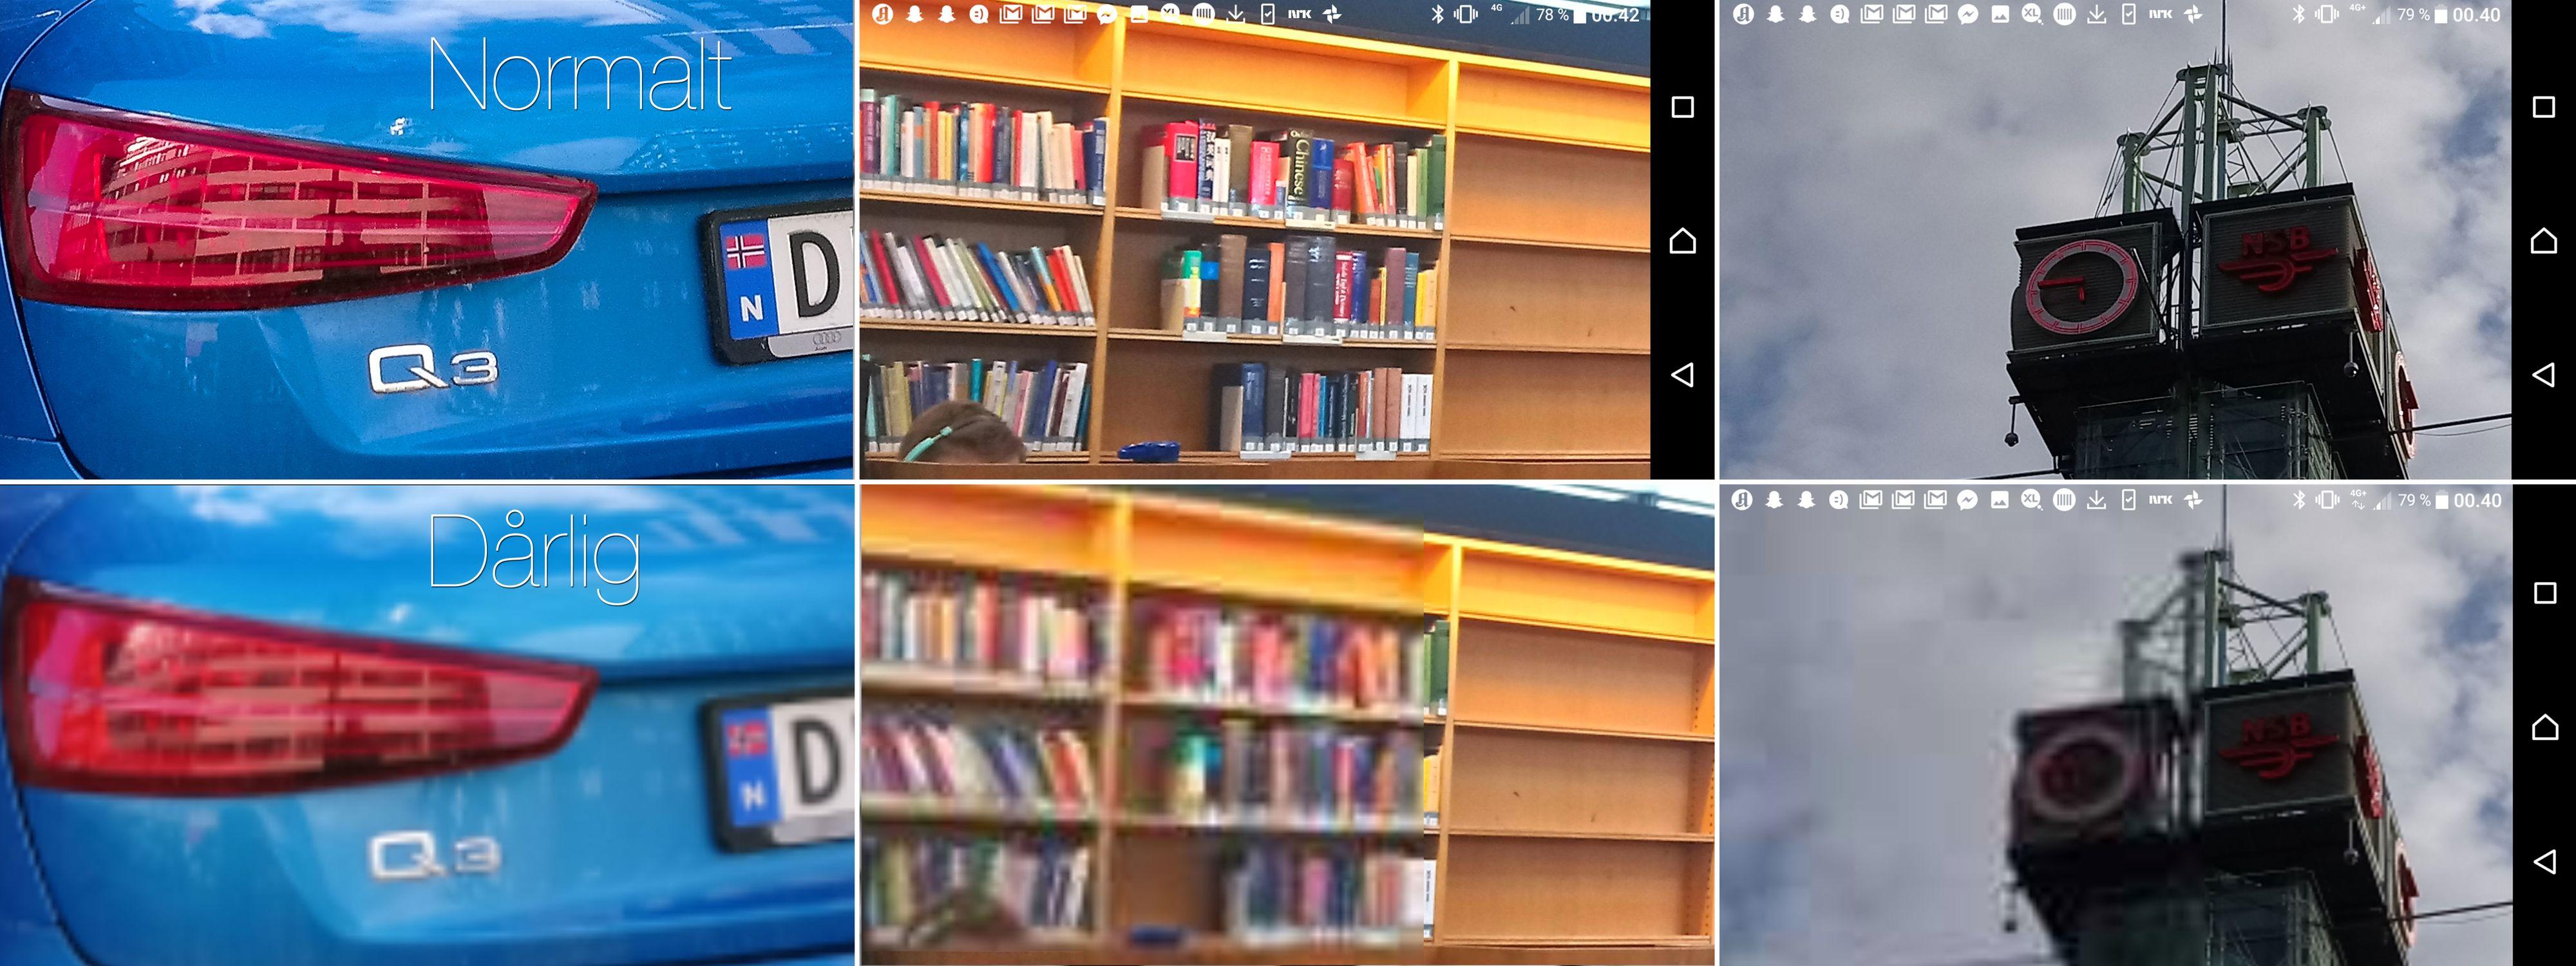 Slik ser det ut før (nede) og etter (oppe) at bildene har fått lastet seg inn. Og husk på at dette tar laaaang tid... (Bildeutsnittene er forstørret).